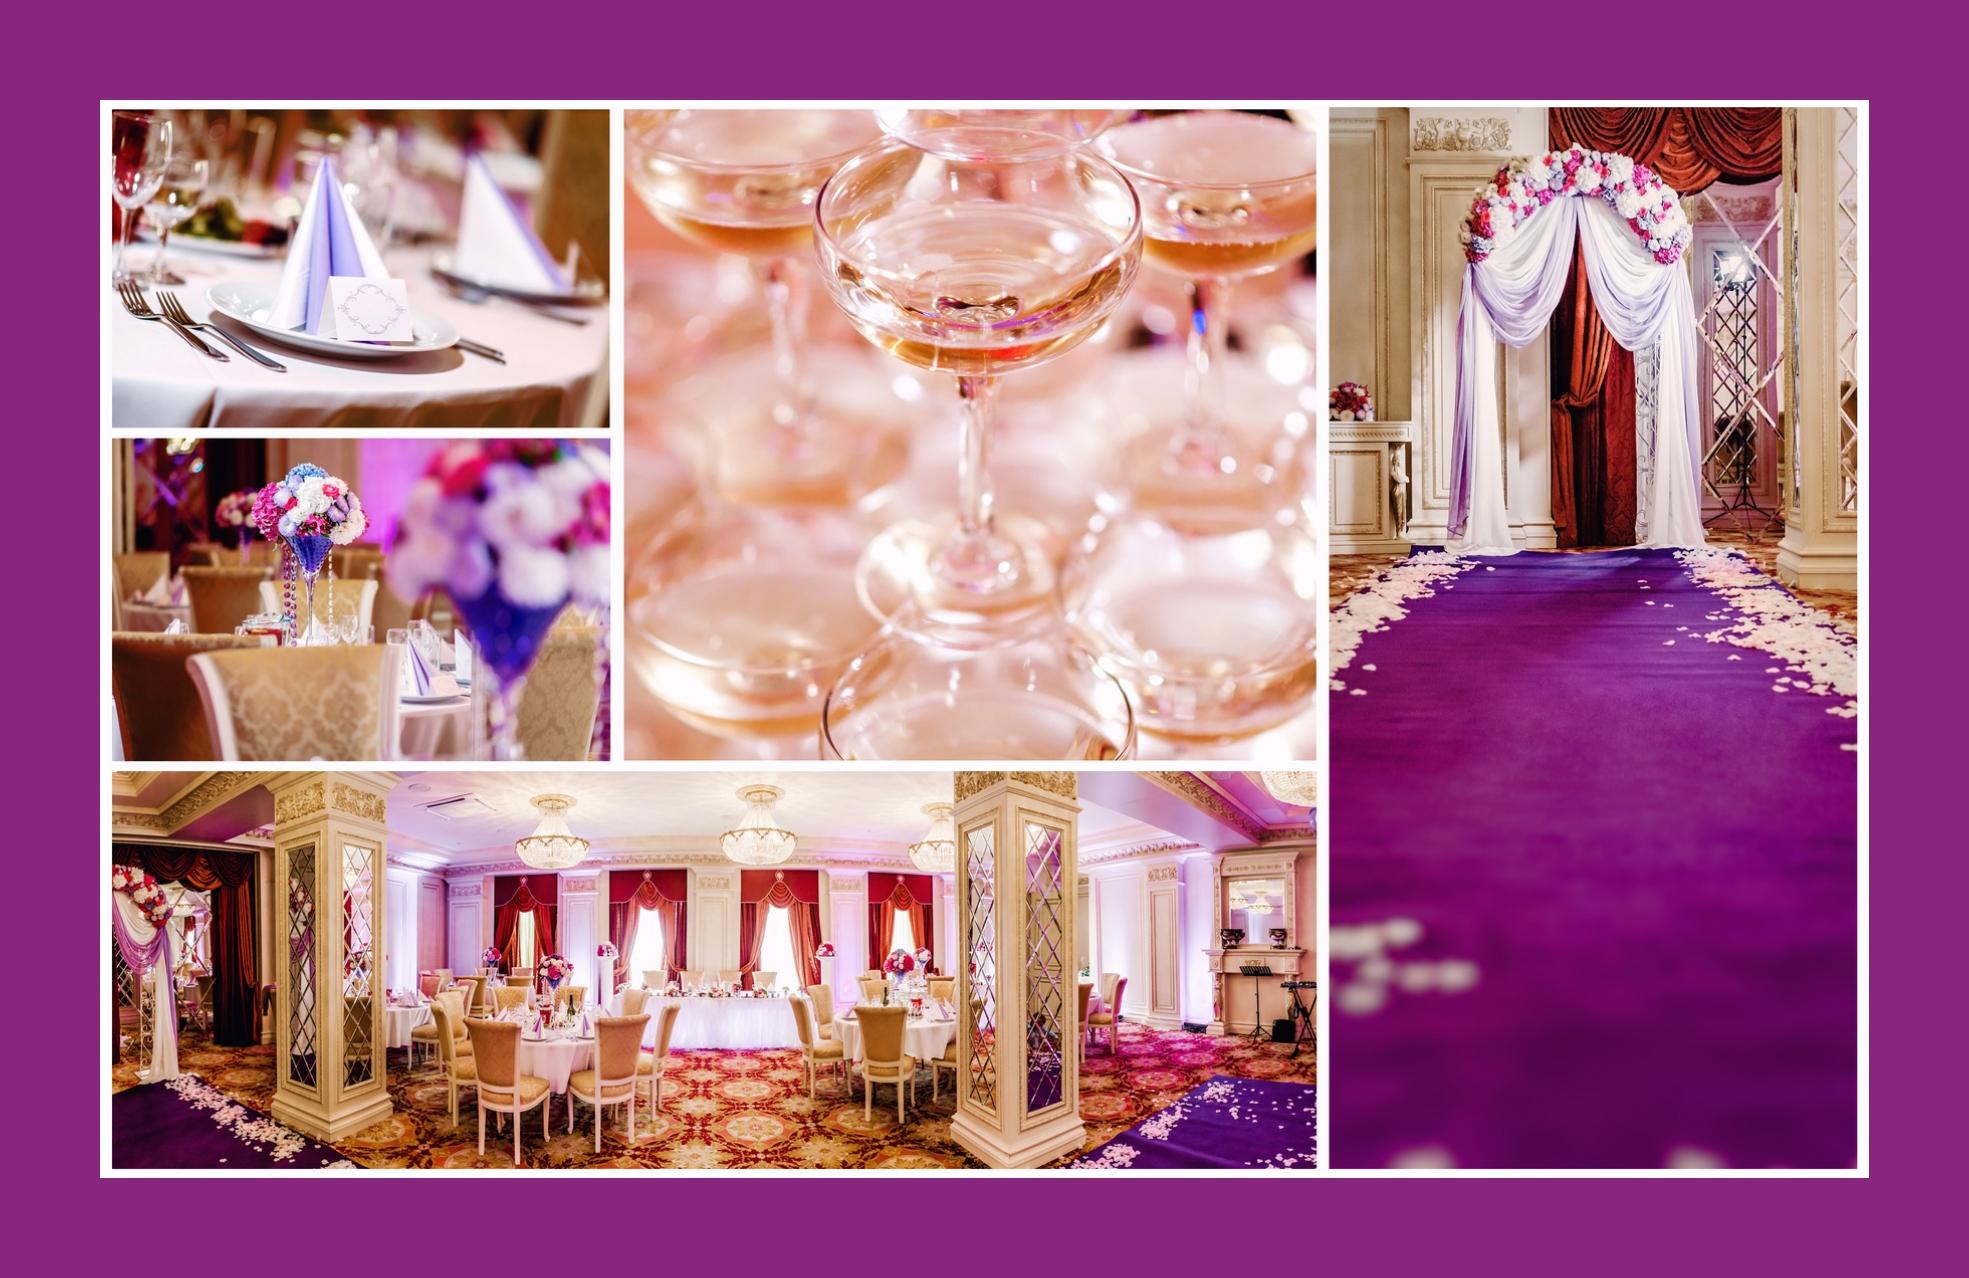 Königliche Hochzeitsdeko in Purpur